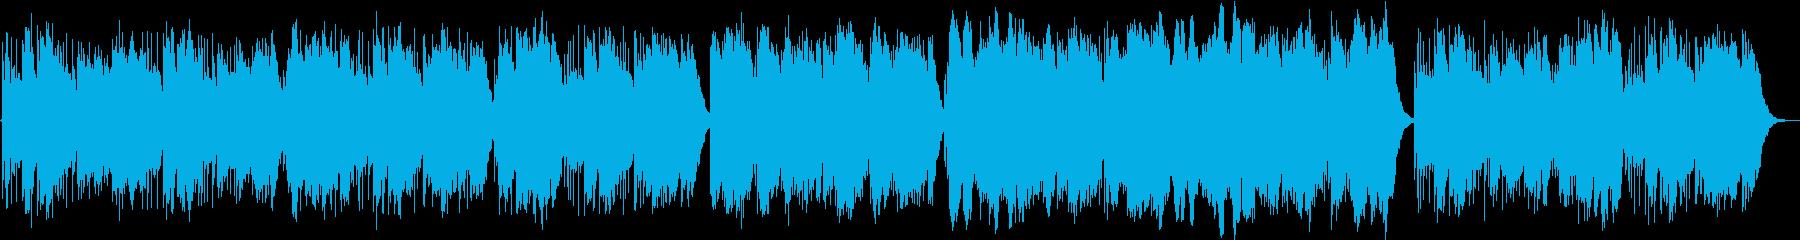 明るく軽やかなオルゴール曲です。の再生済みの波形